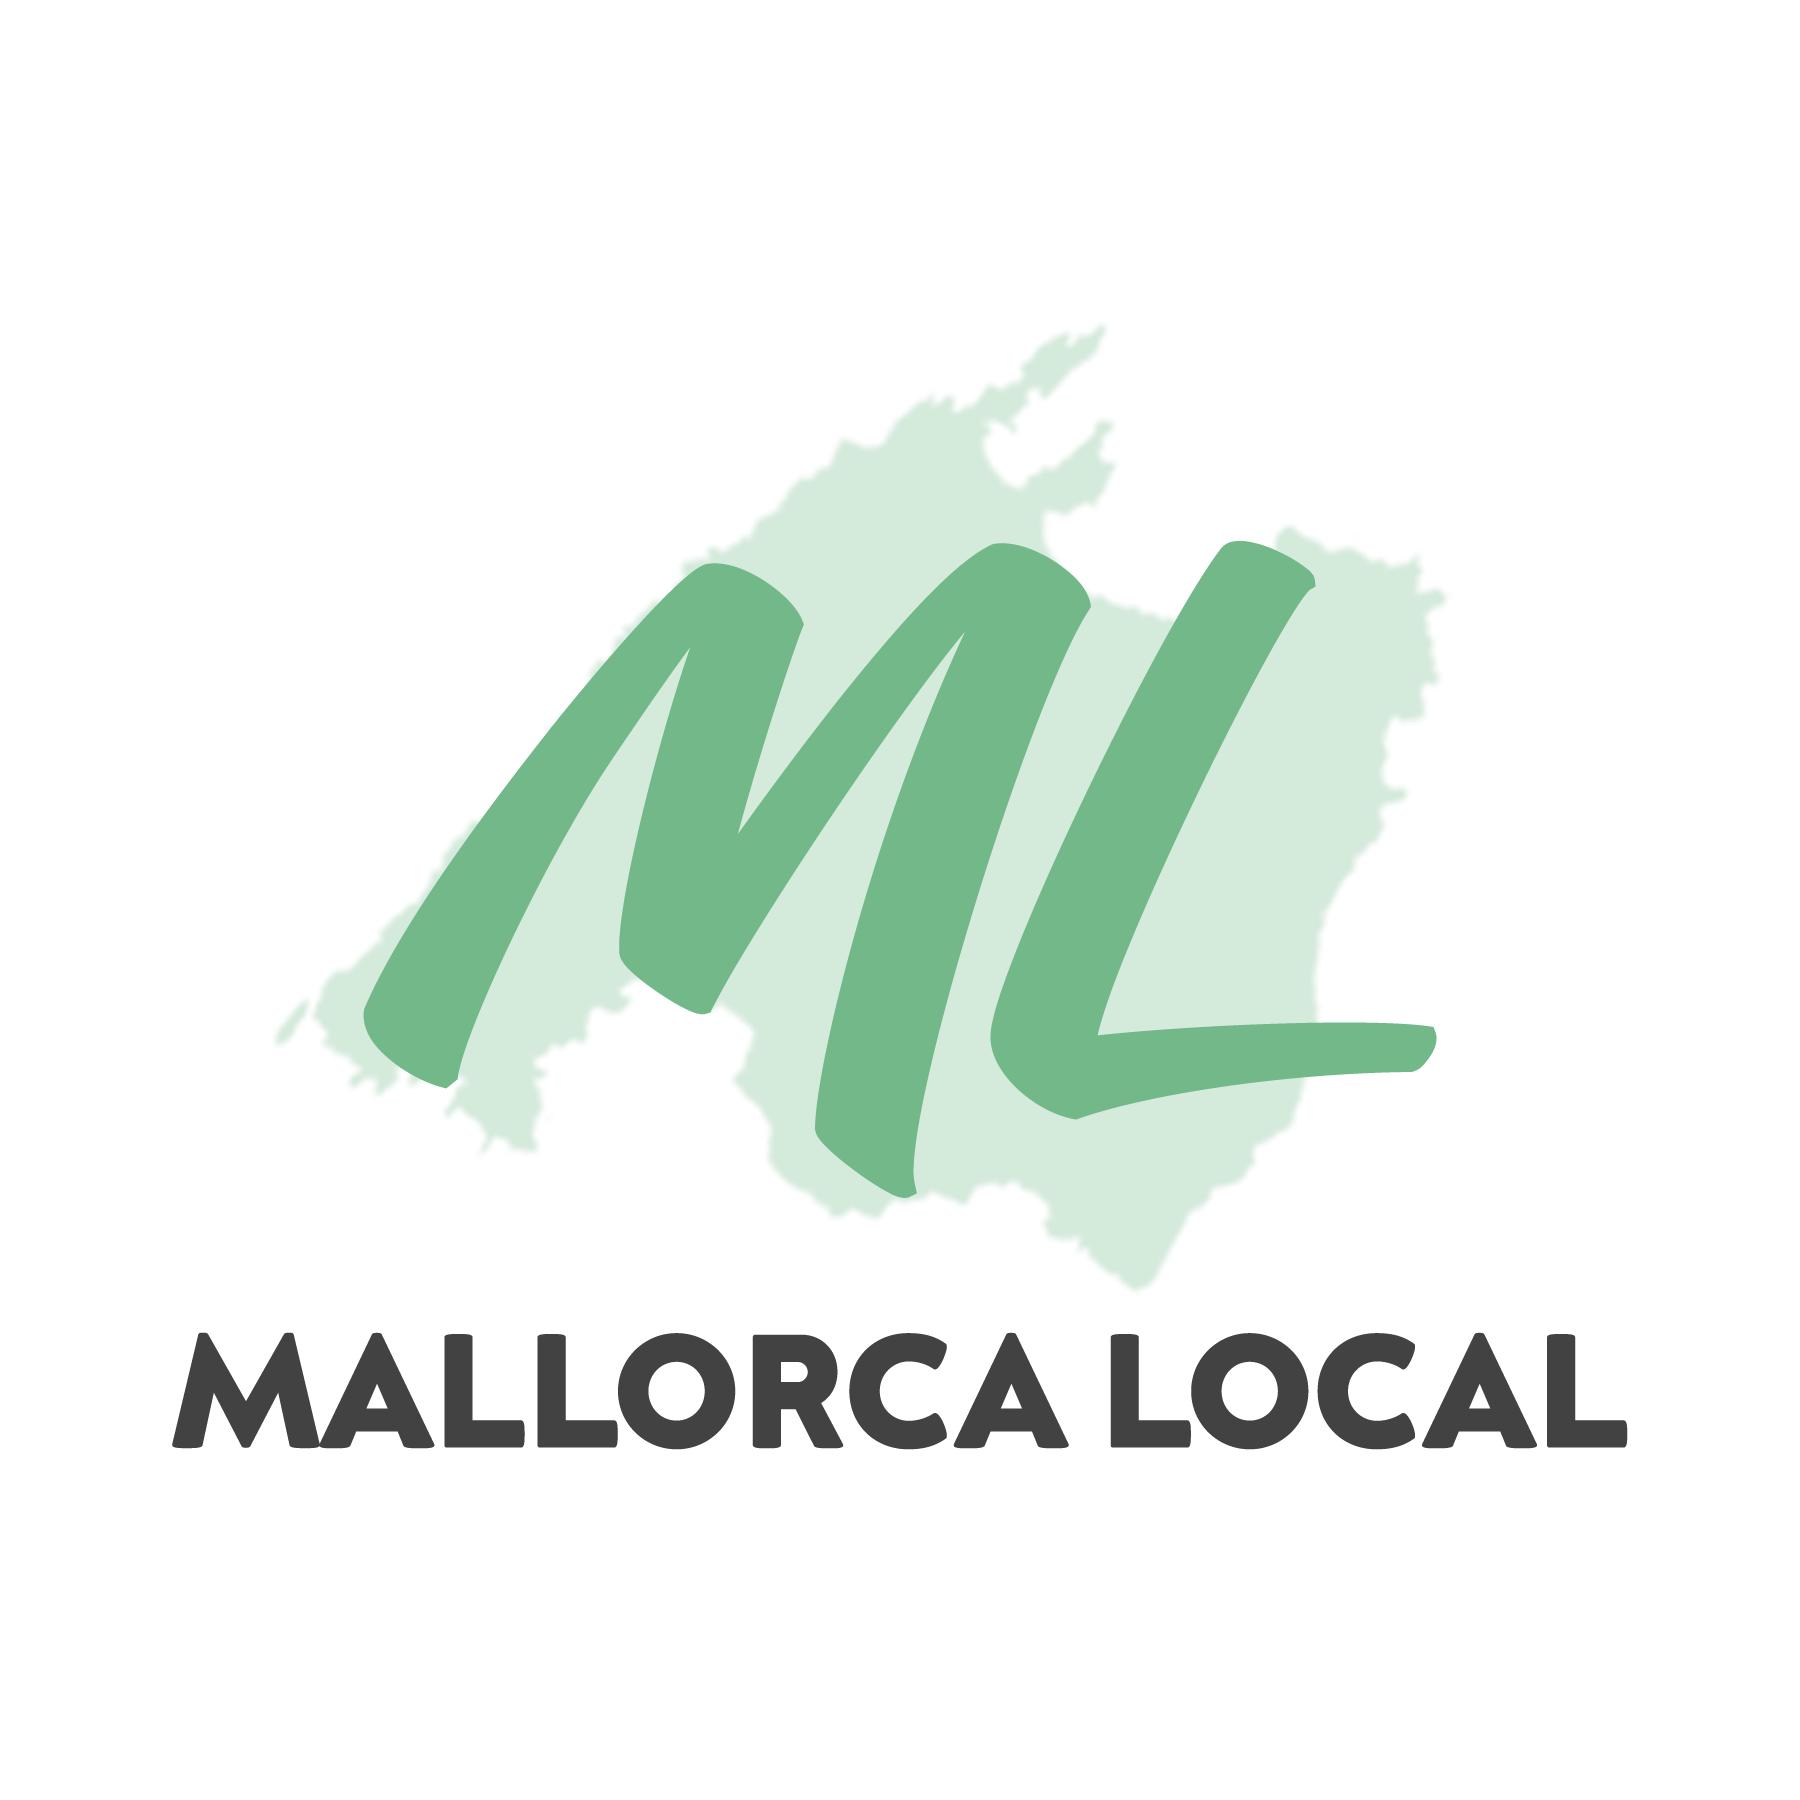 MallorcaLocal logo